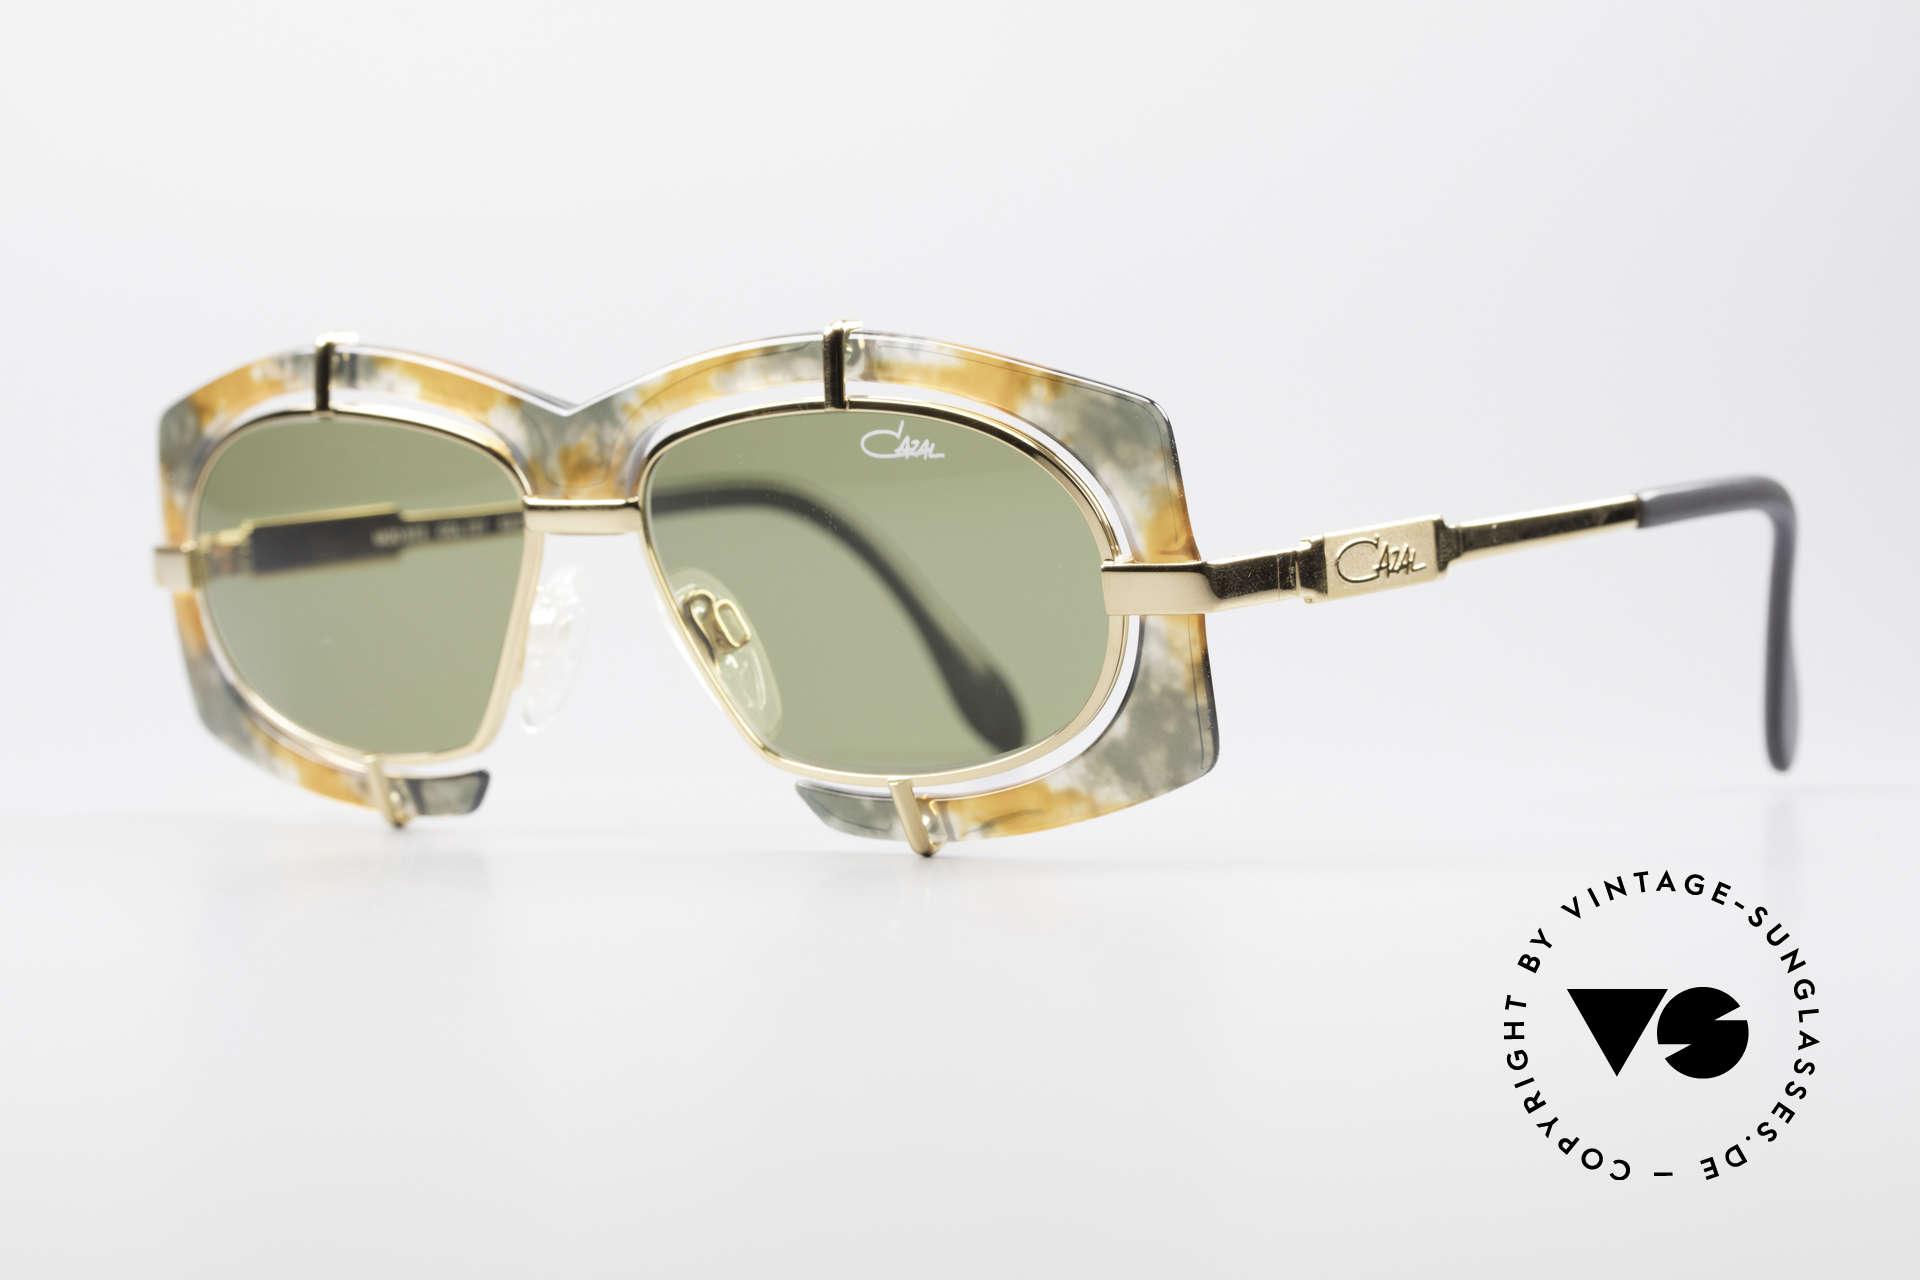 Cazal 872 Außergewöhnliche 90er Brille, pompöse Haute Couture Brille - charakteristisch Cazal, Passend für Herren und Damen